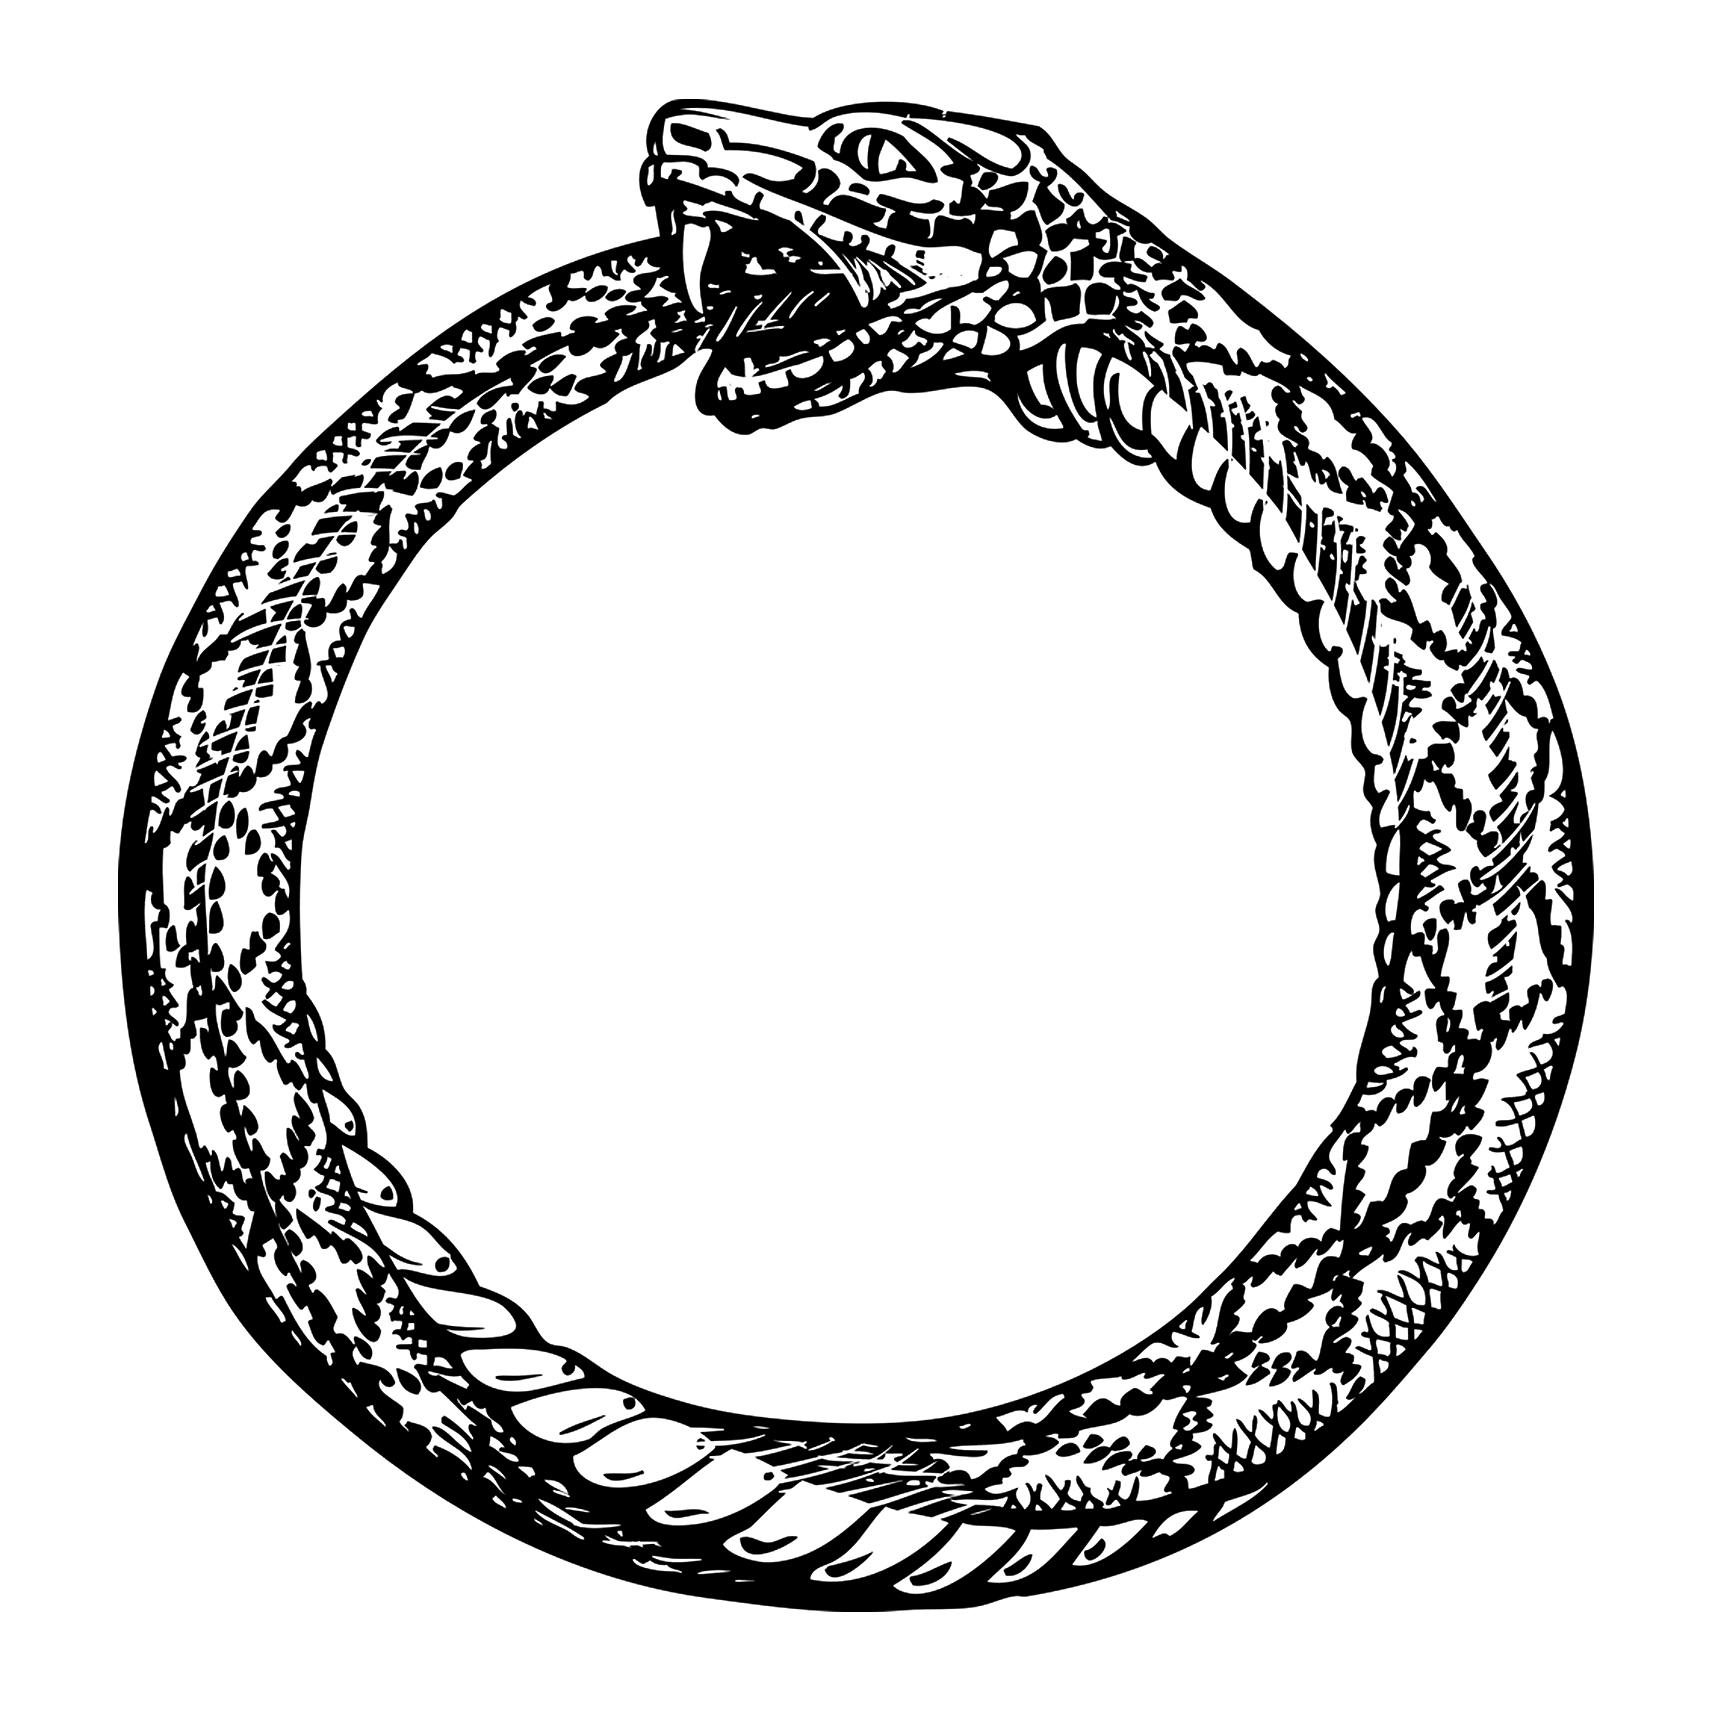 OUROBOROS o Uroboro - Il serpente infinito | Storia dei simboli